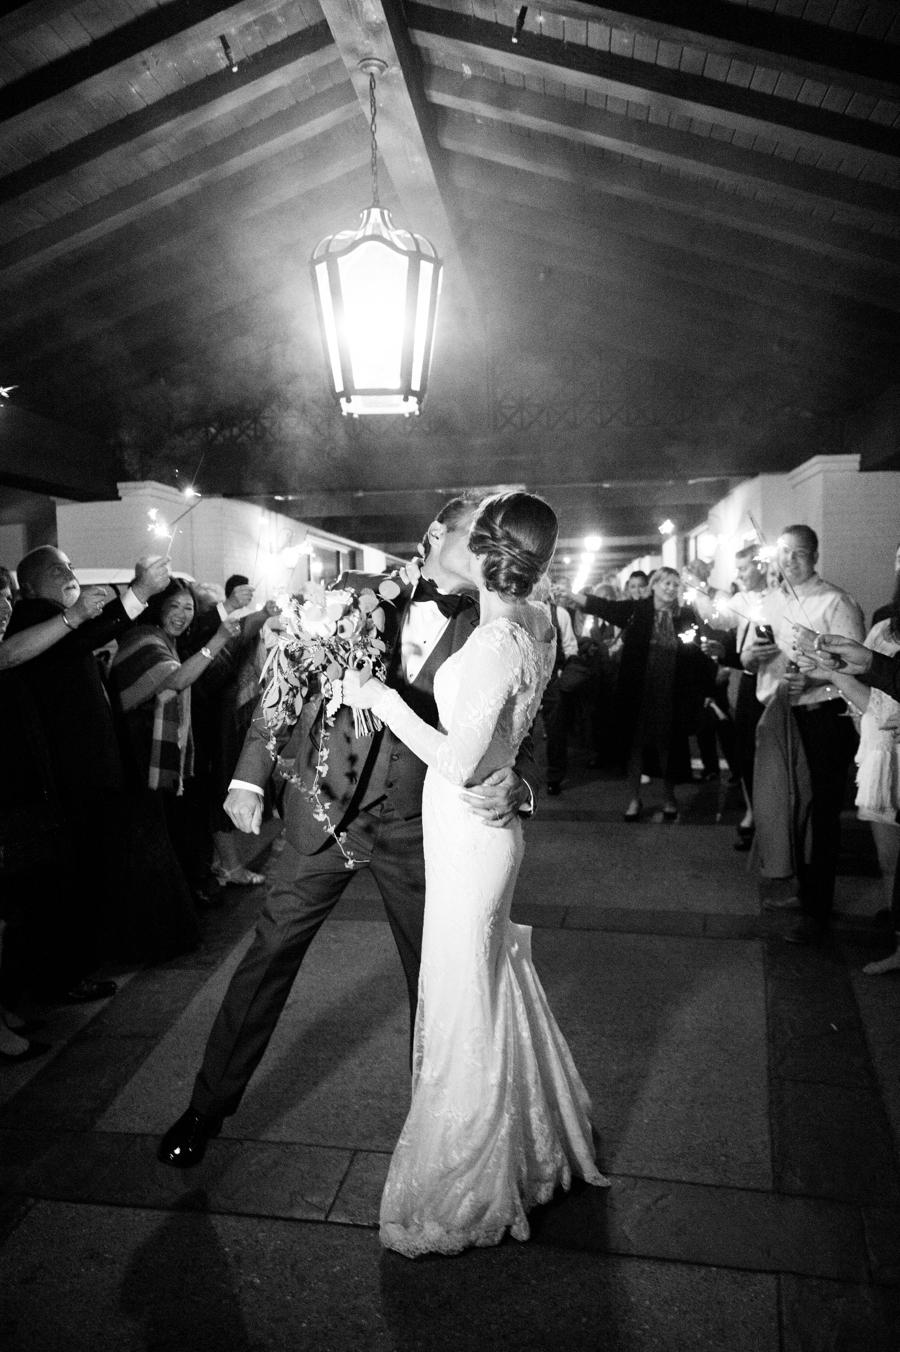 SoCal_Burbank_Hollywood_Wedding_JC_038.jpg